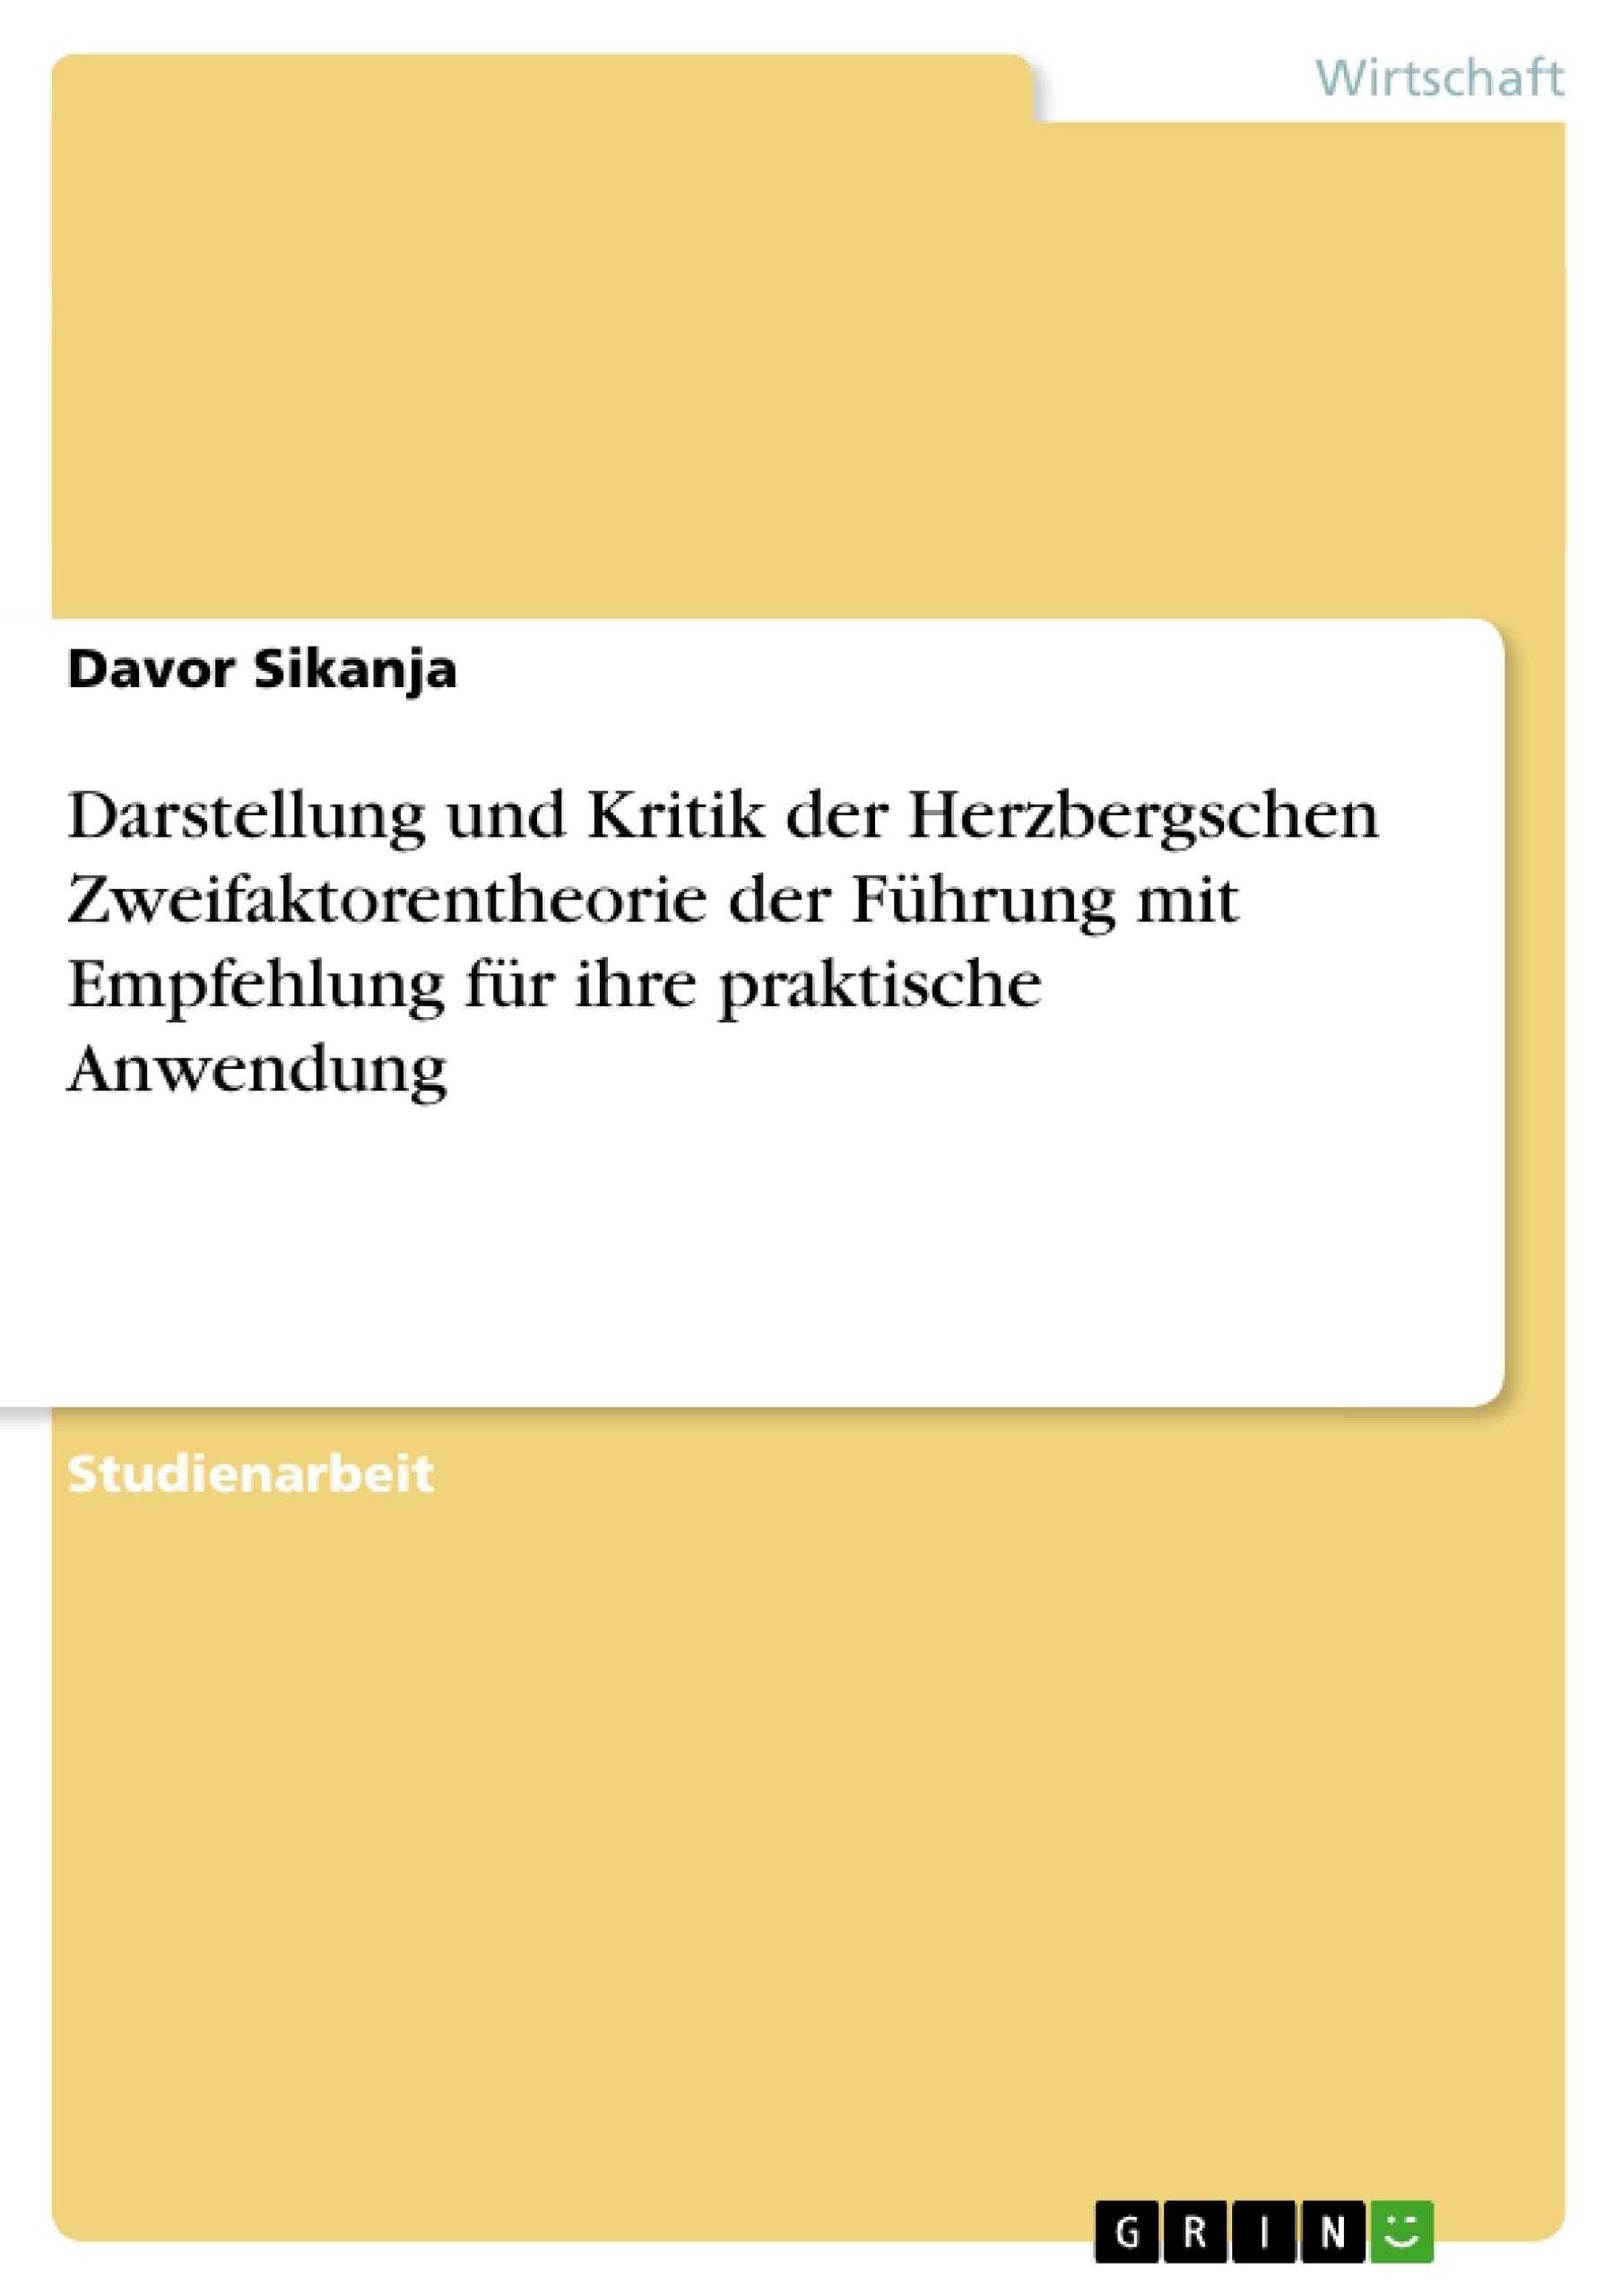 Titel: Darstellung und Kritik der Herzbergschen Zweifaktorentheorie der Führung mit Empfehlung für ihre praktische Anwendung